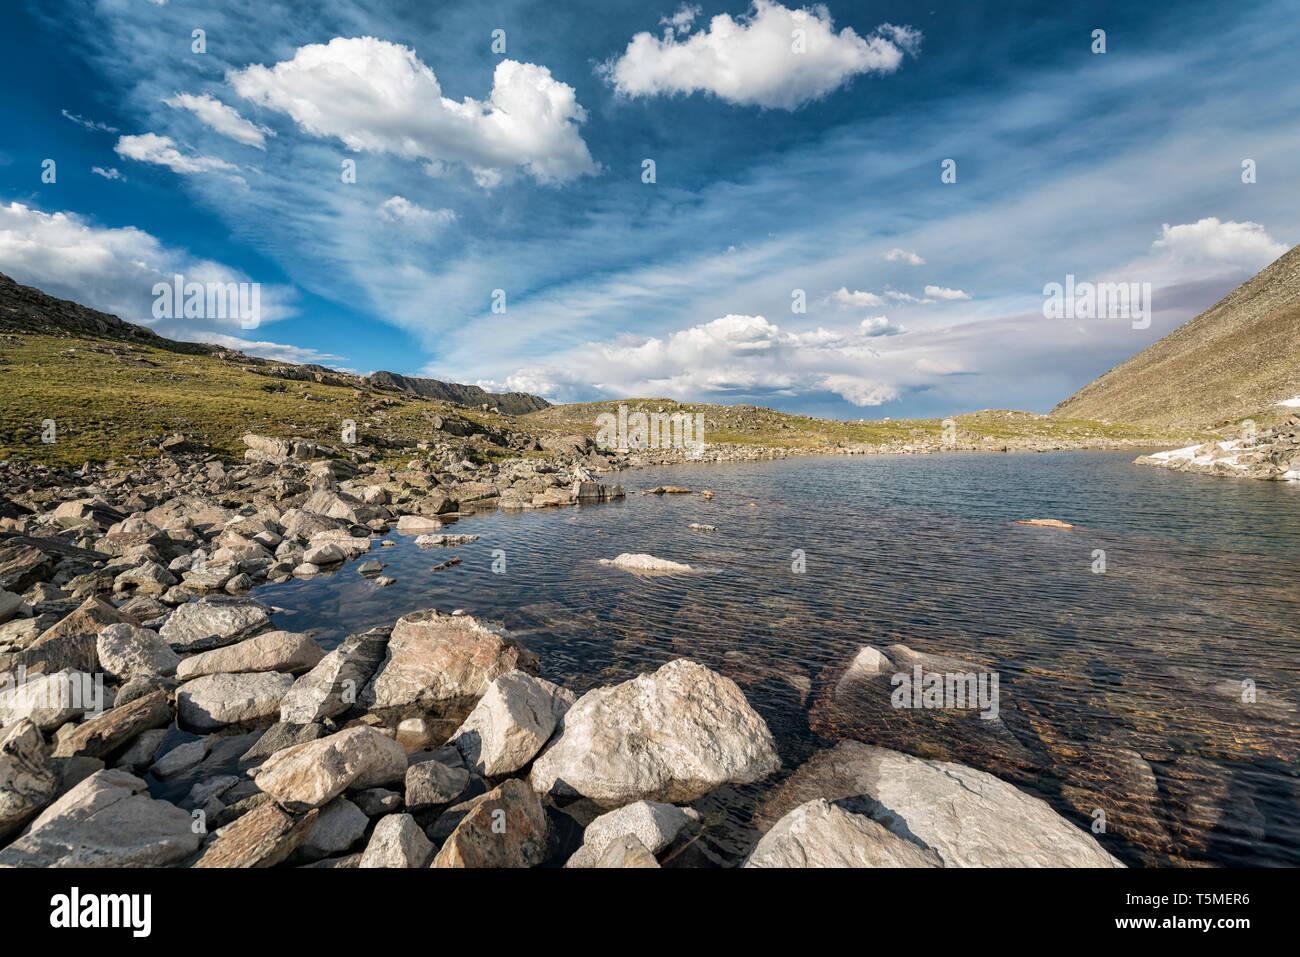 Lake in Colorado - Stock Image